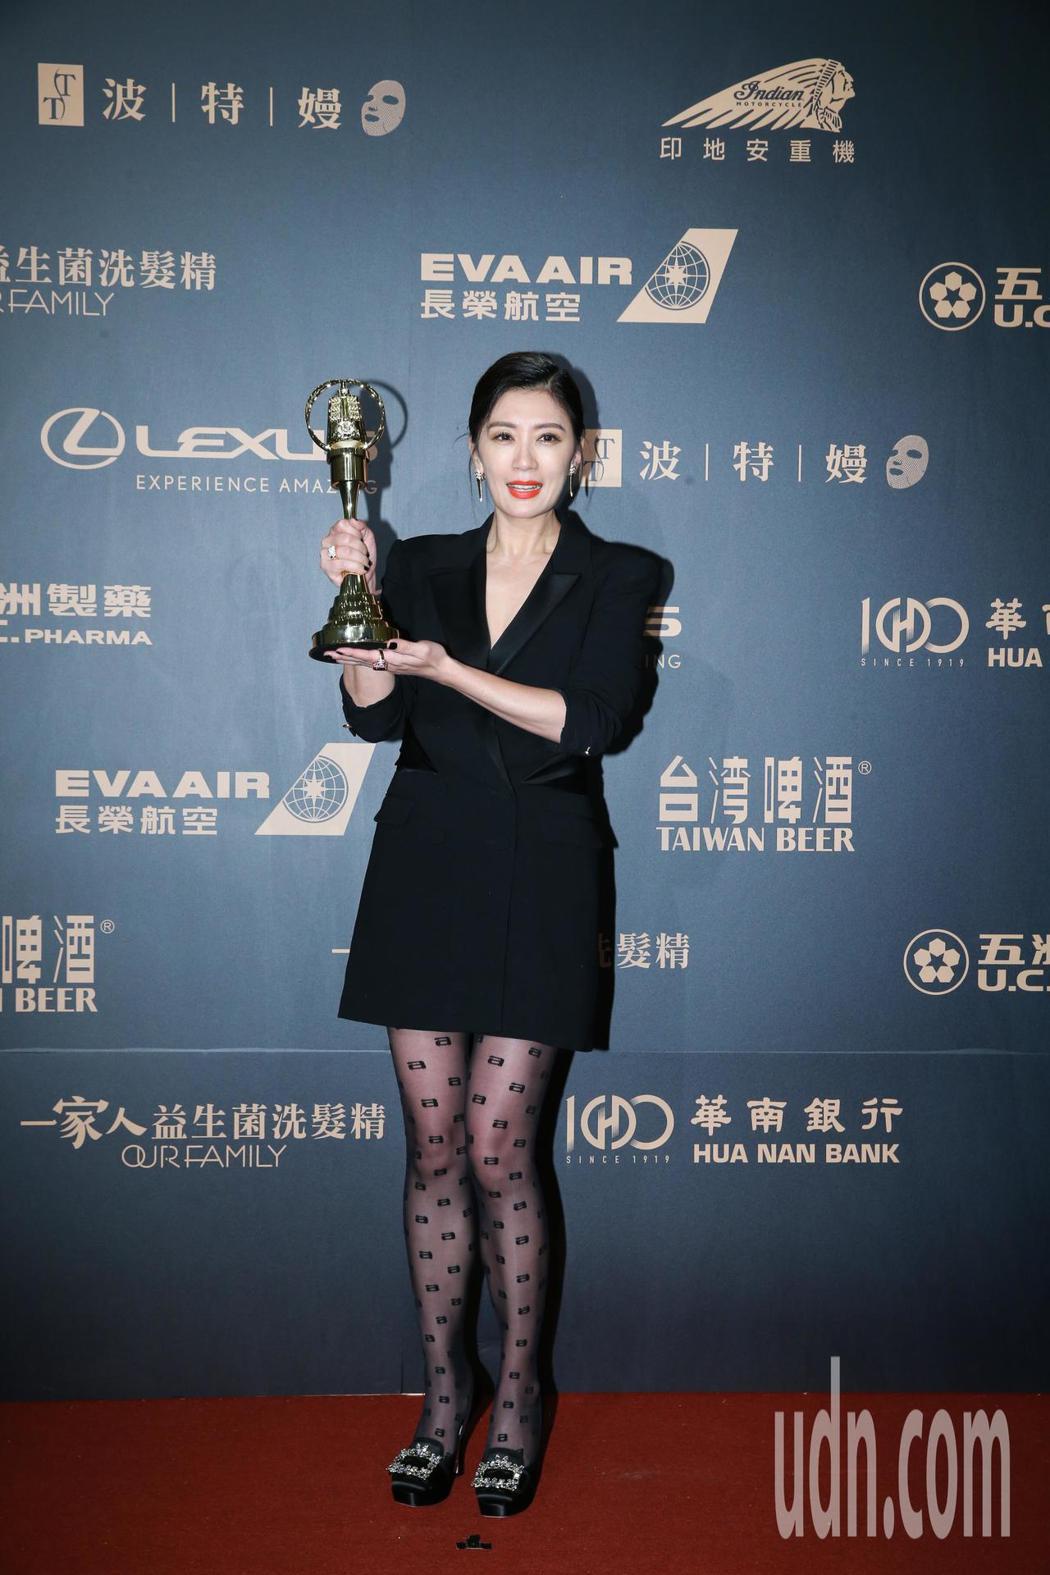 第54屆電視金鐘獎戲劇節目女主角獎由賈靜雯以我們與惡的距離獲得。記者許正宏/攝影